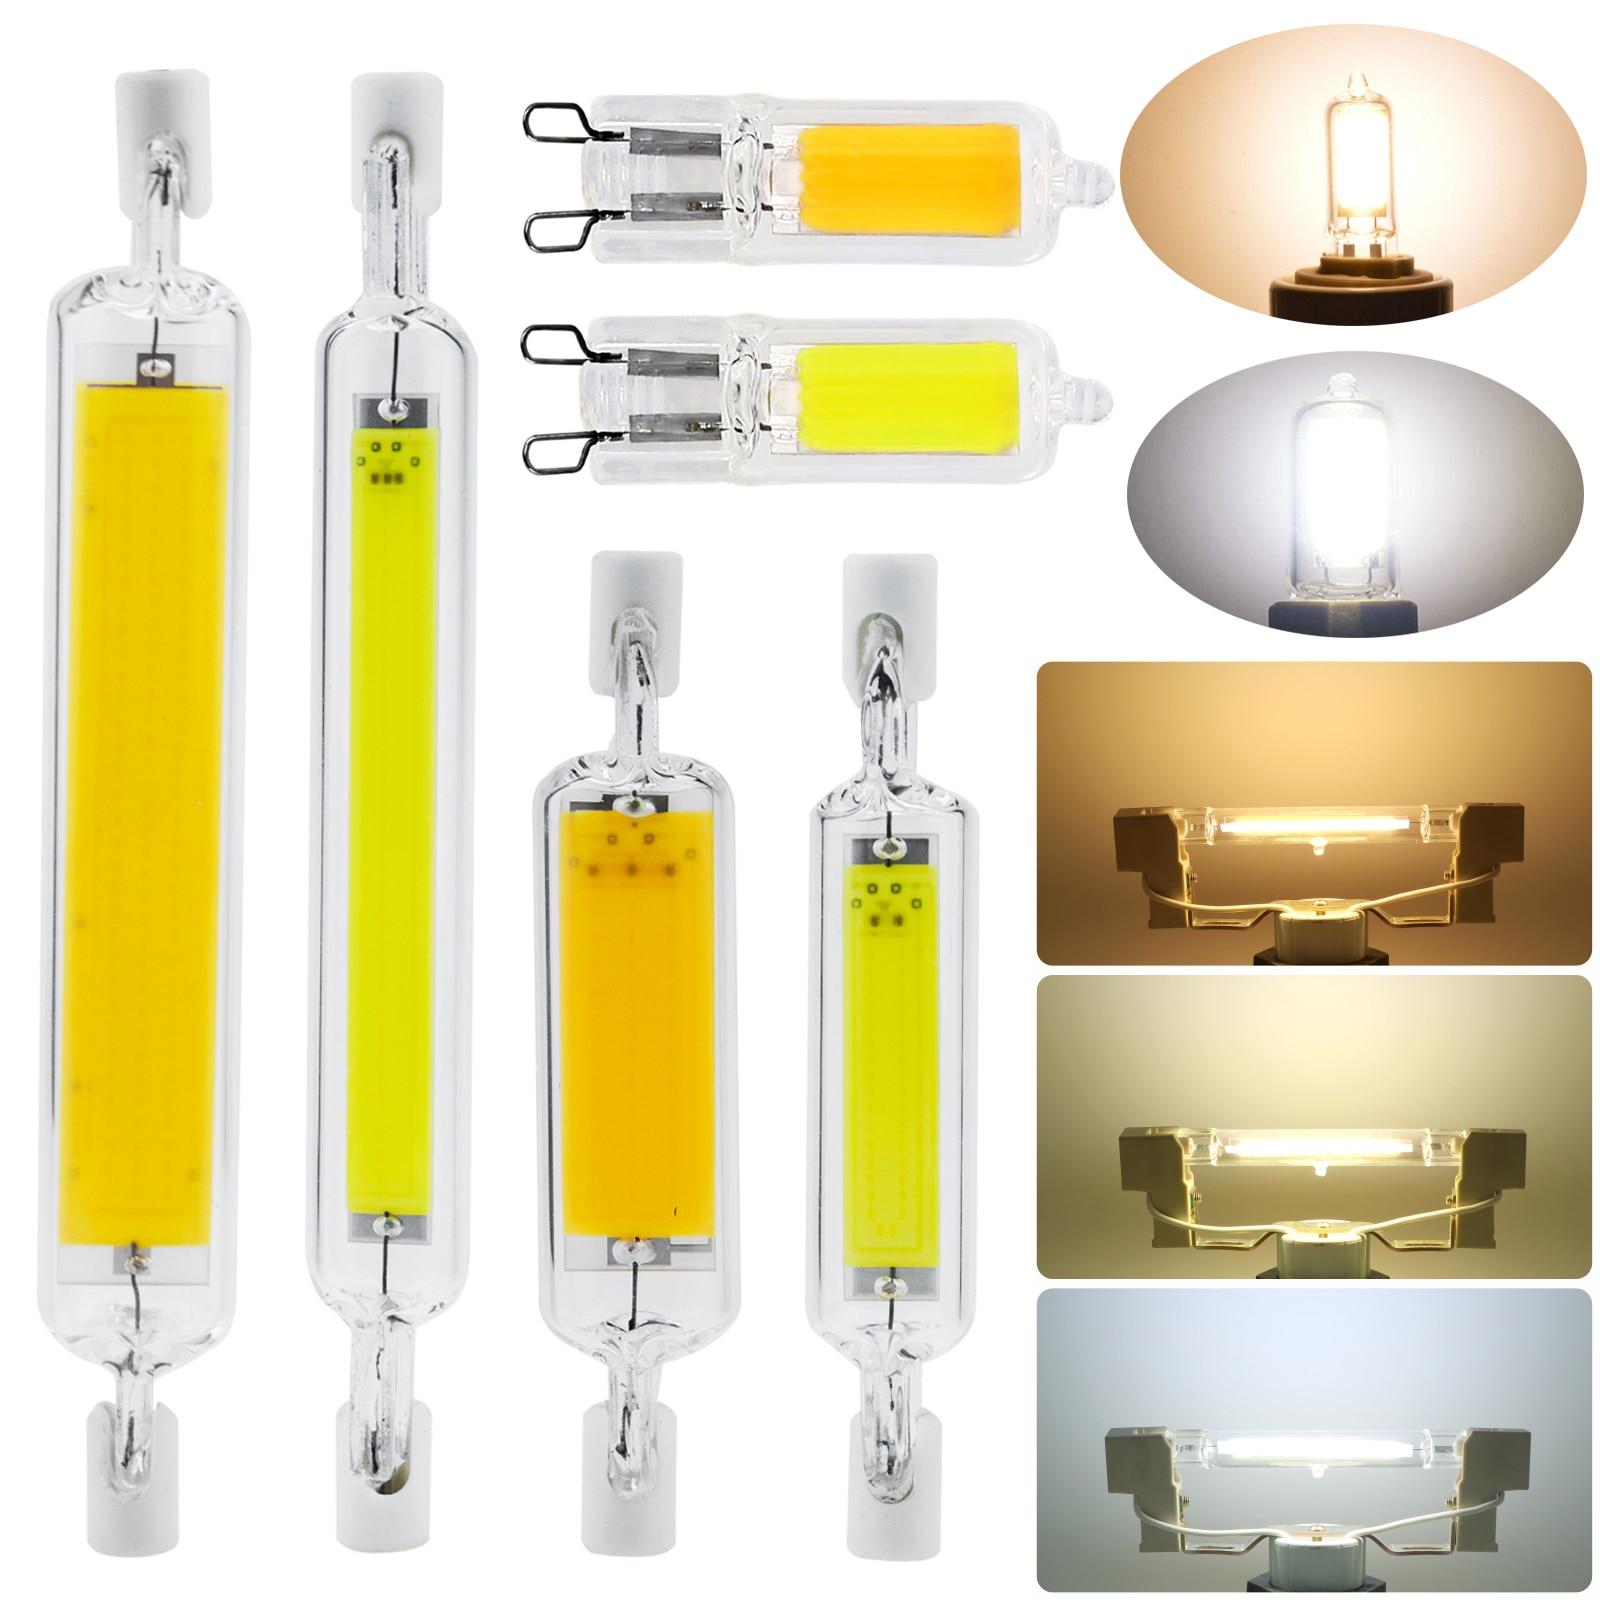 G9 R7s светодиодный COB светильник лампы с регулируемой яркостью 78 мм 118 мм j-типа Стекло + керамика заменить галогенные светильники 3Вт 5 Вт 6 Вт 12 ...